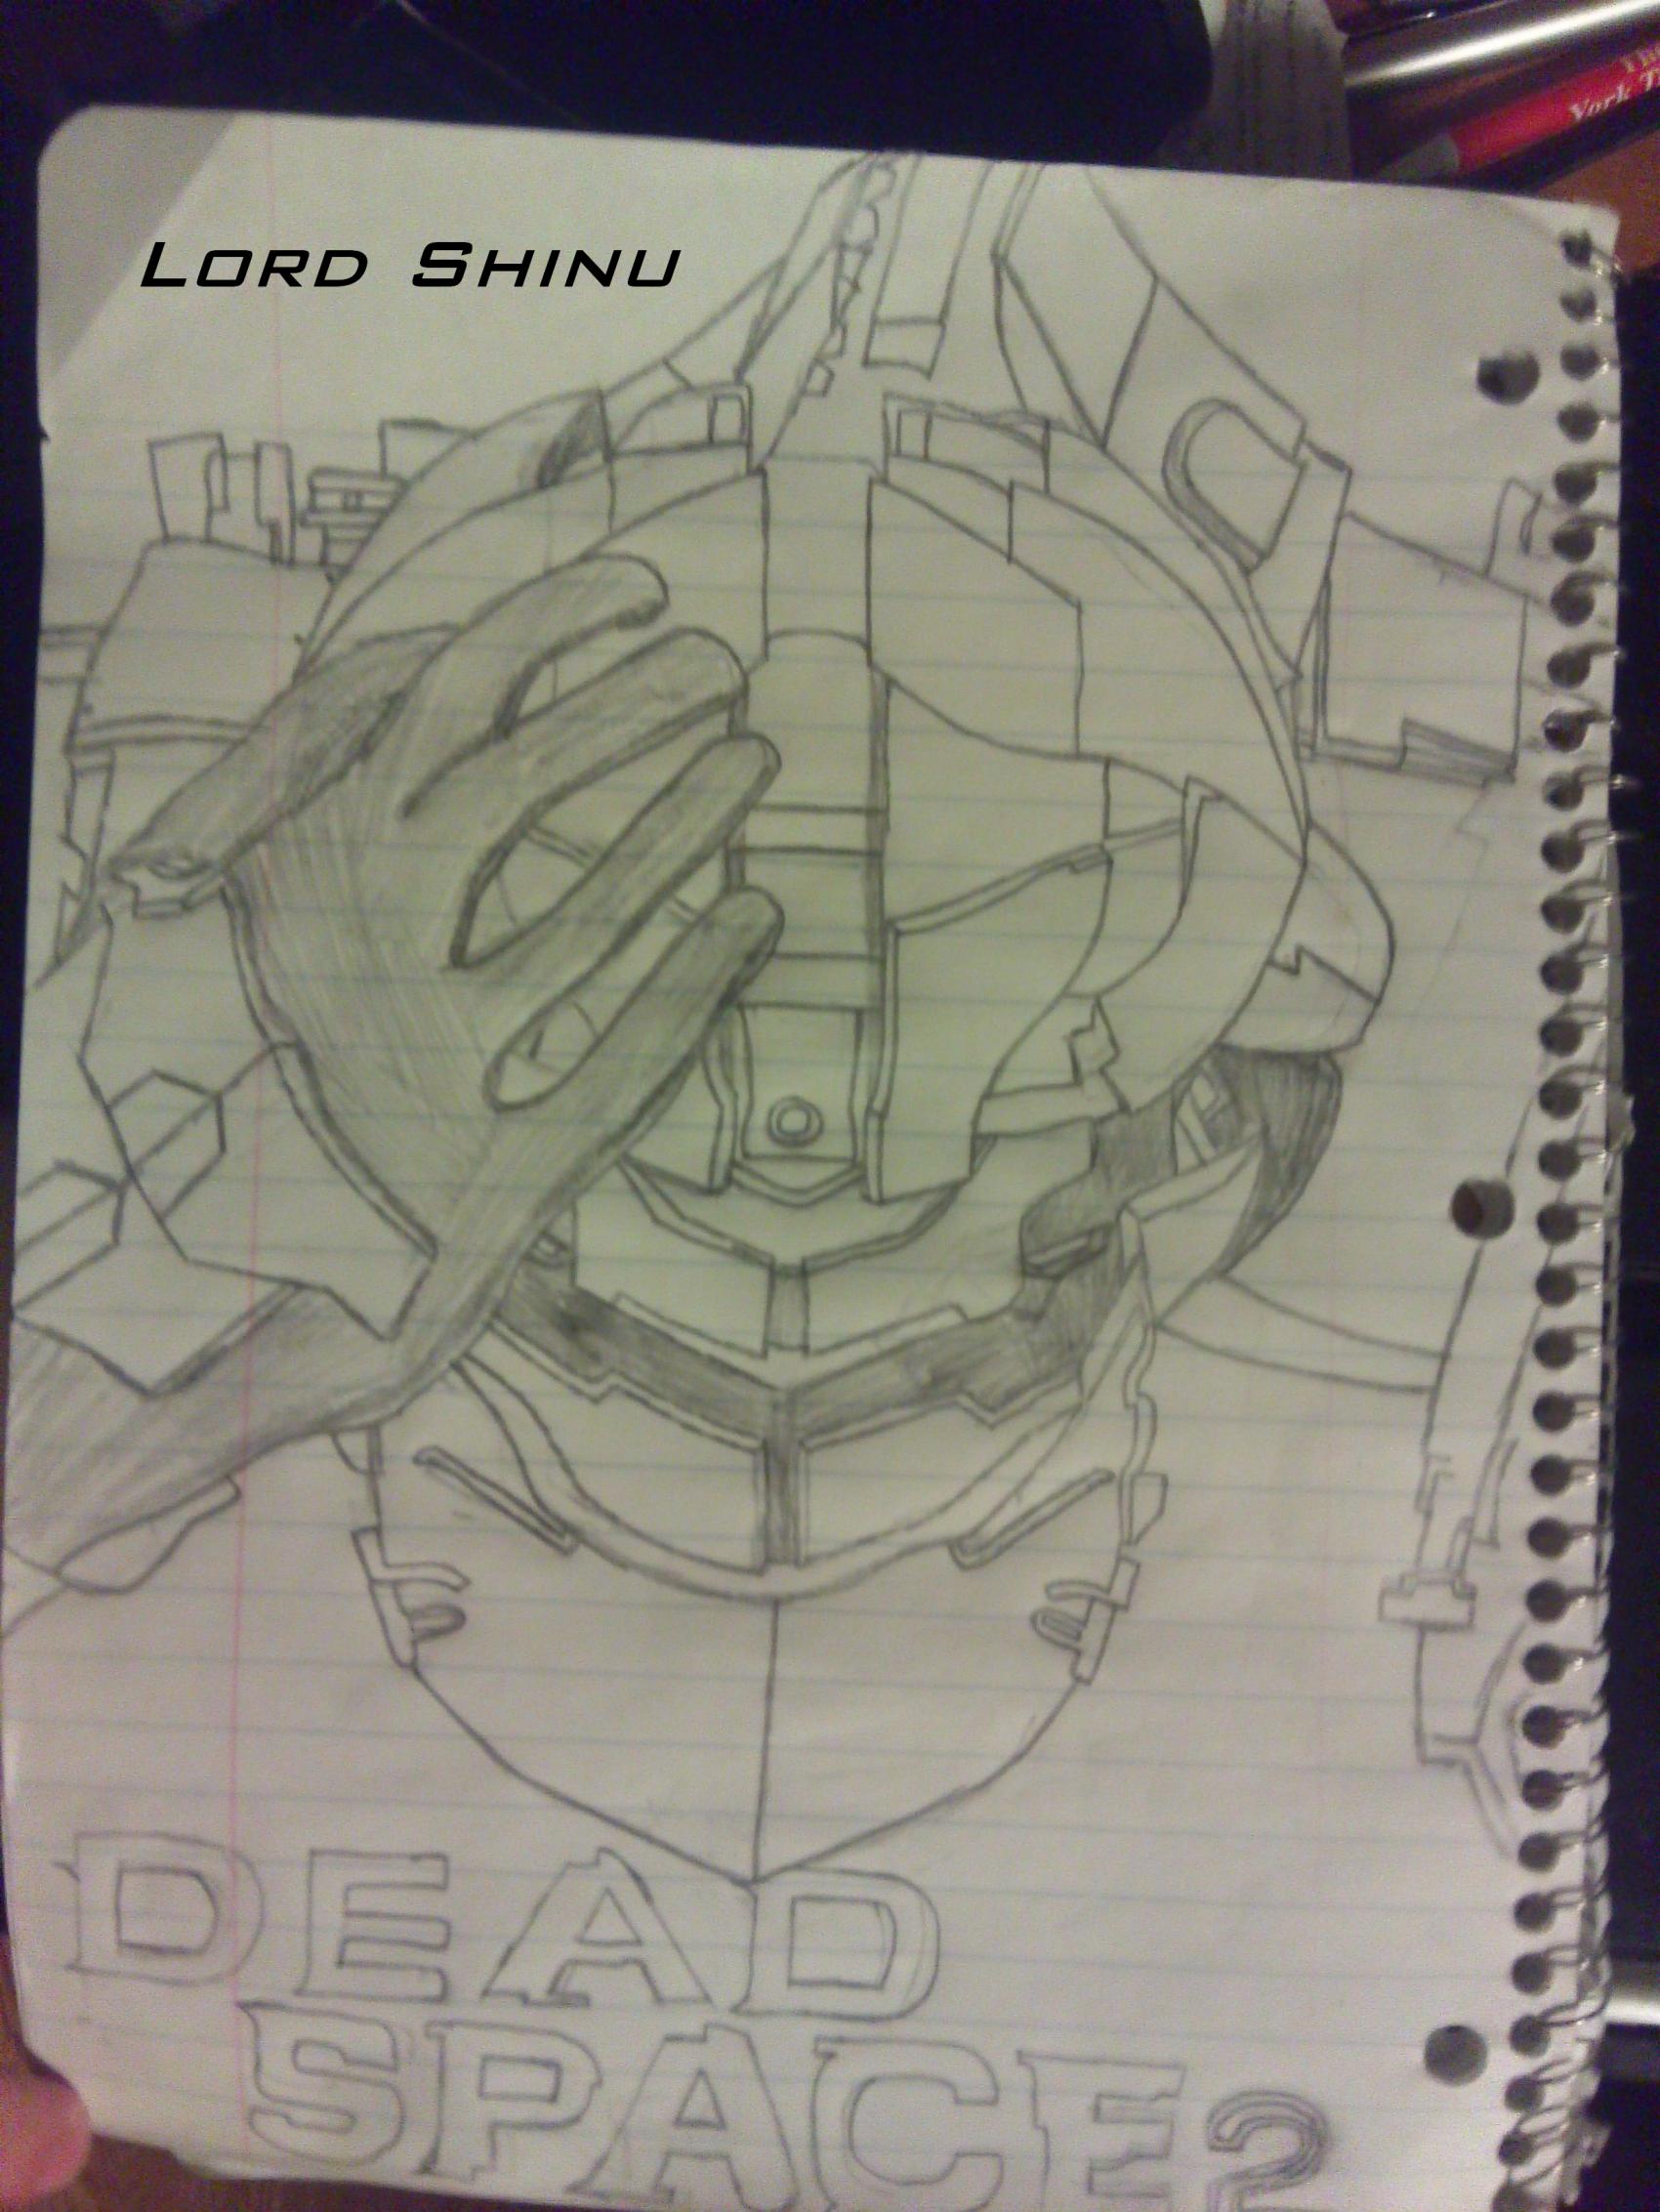 Dead Space 2 Issac Clarke